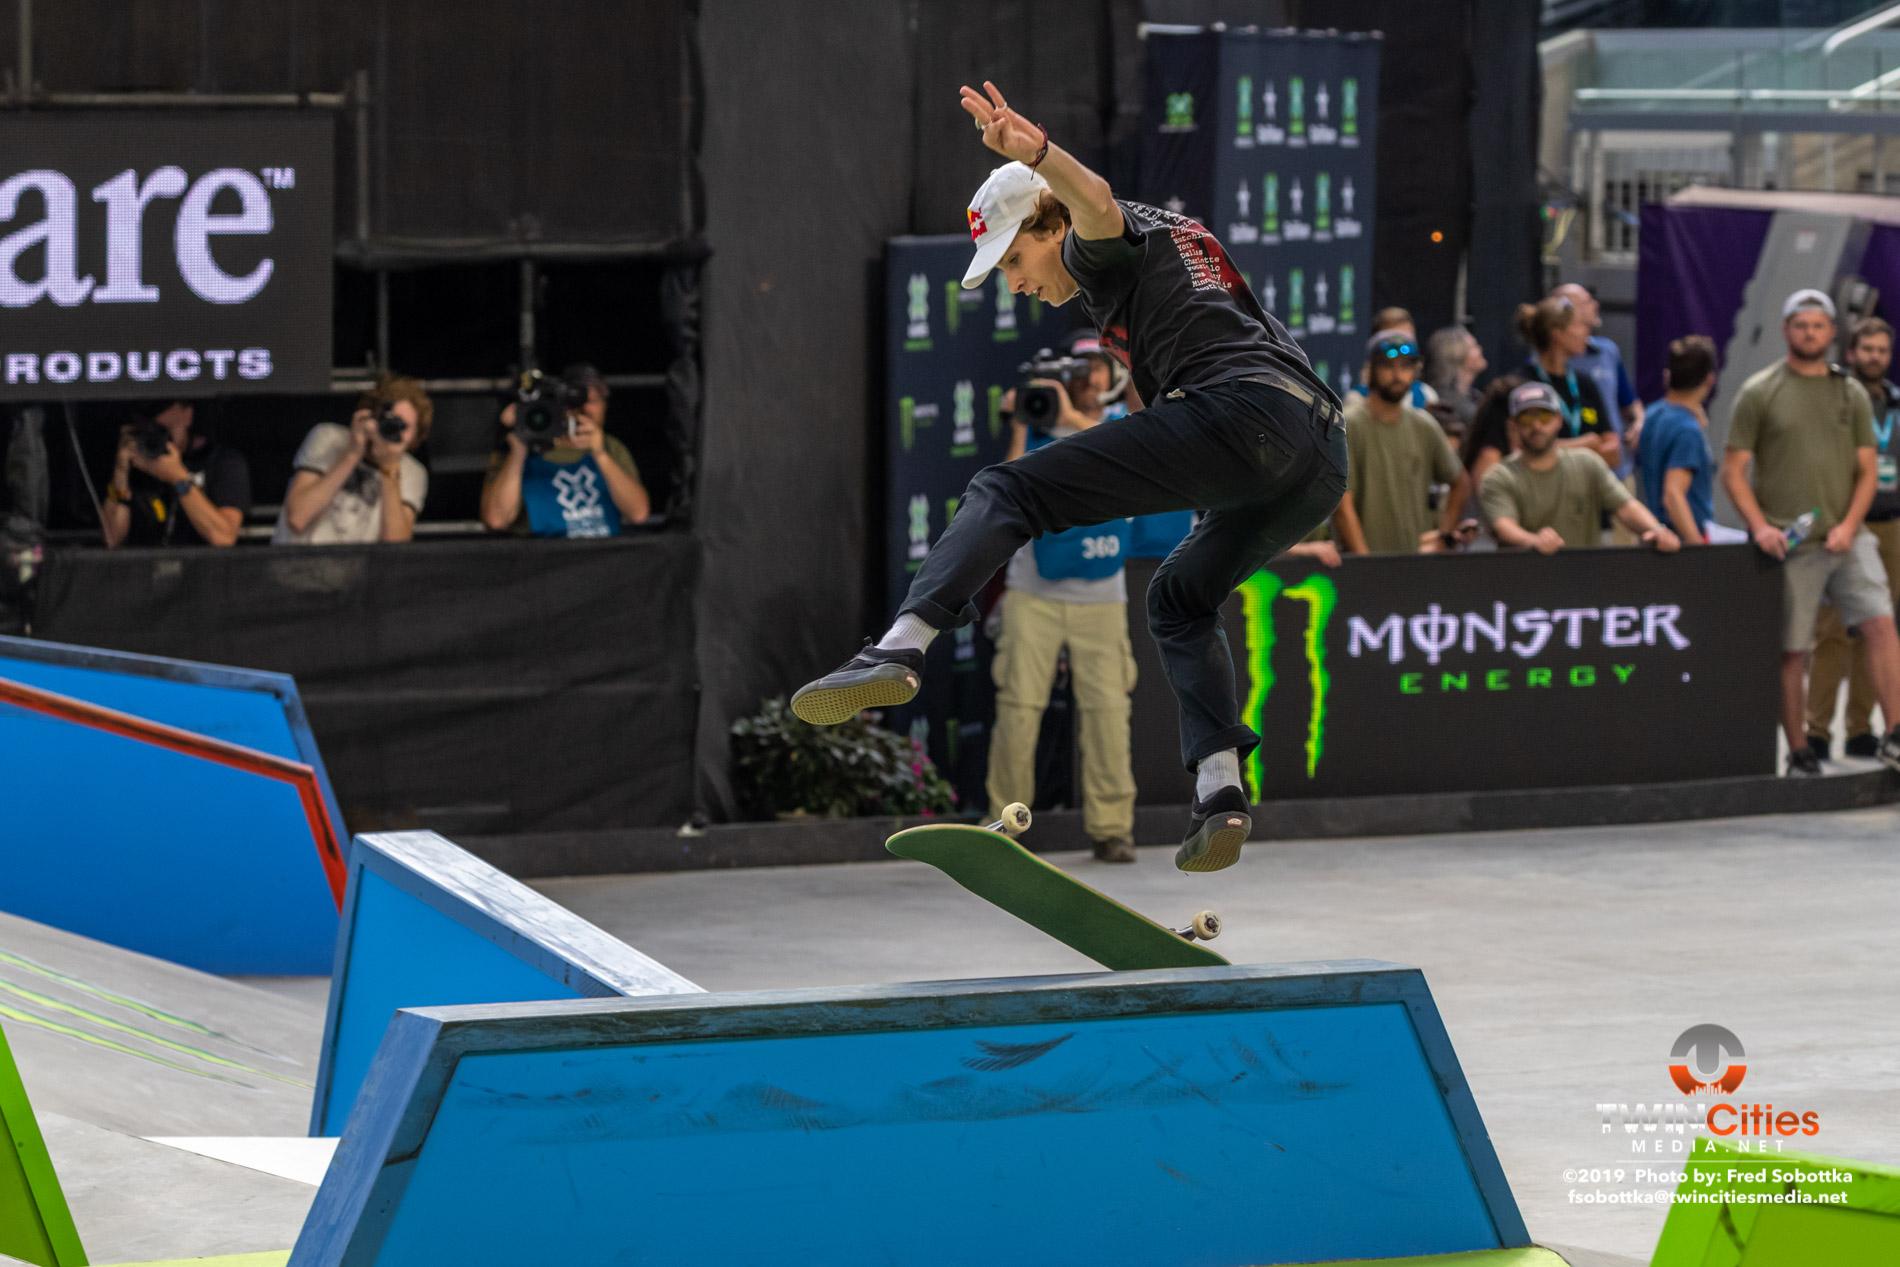 Monster-Energy-Mens-Skateboard-Street-11